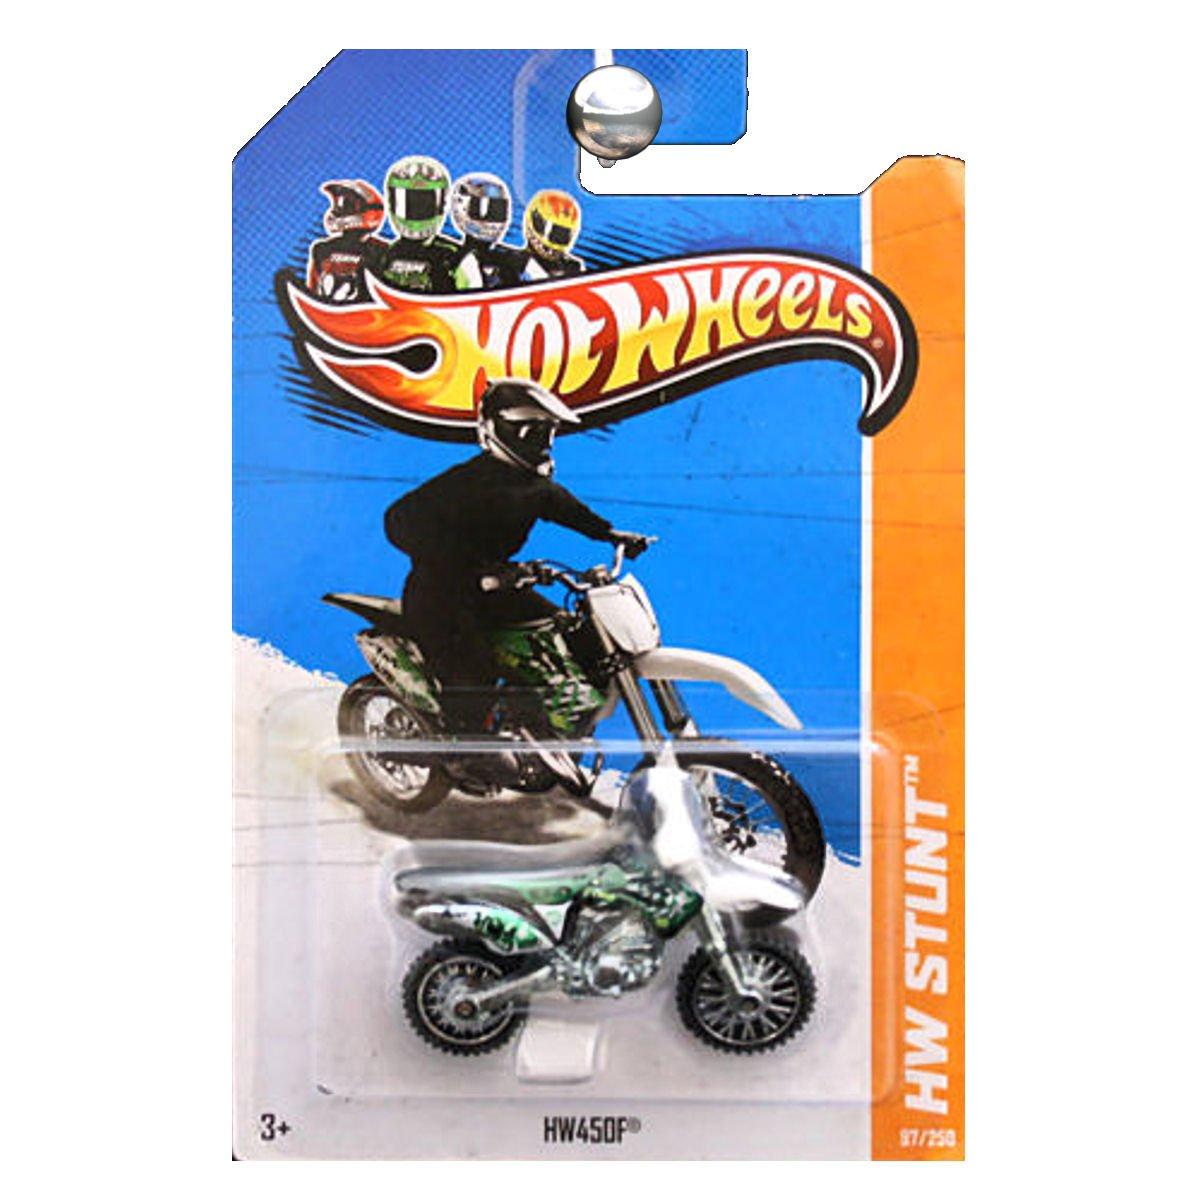 tienda de venta 2013 2013 2013 Hot Wheels Hw450f by Mattel  Centro comercial profesional integrado en línea.